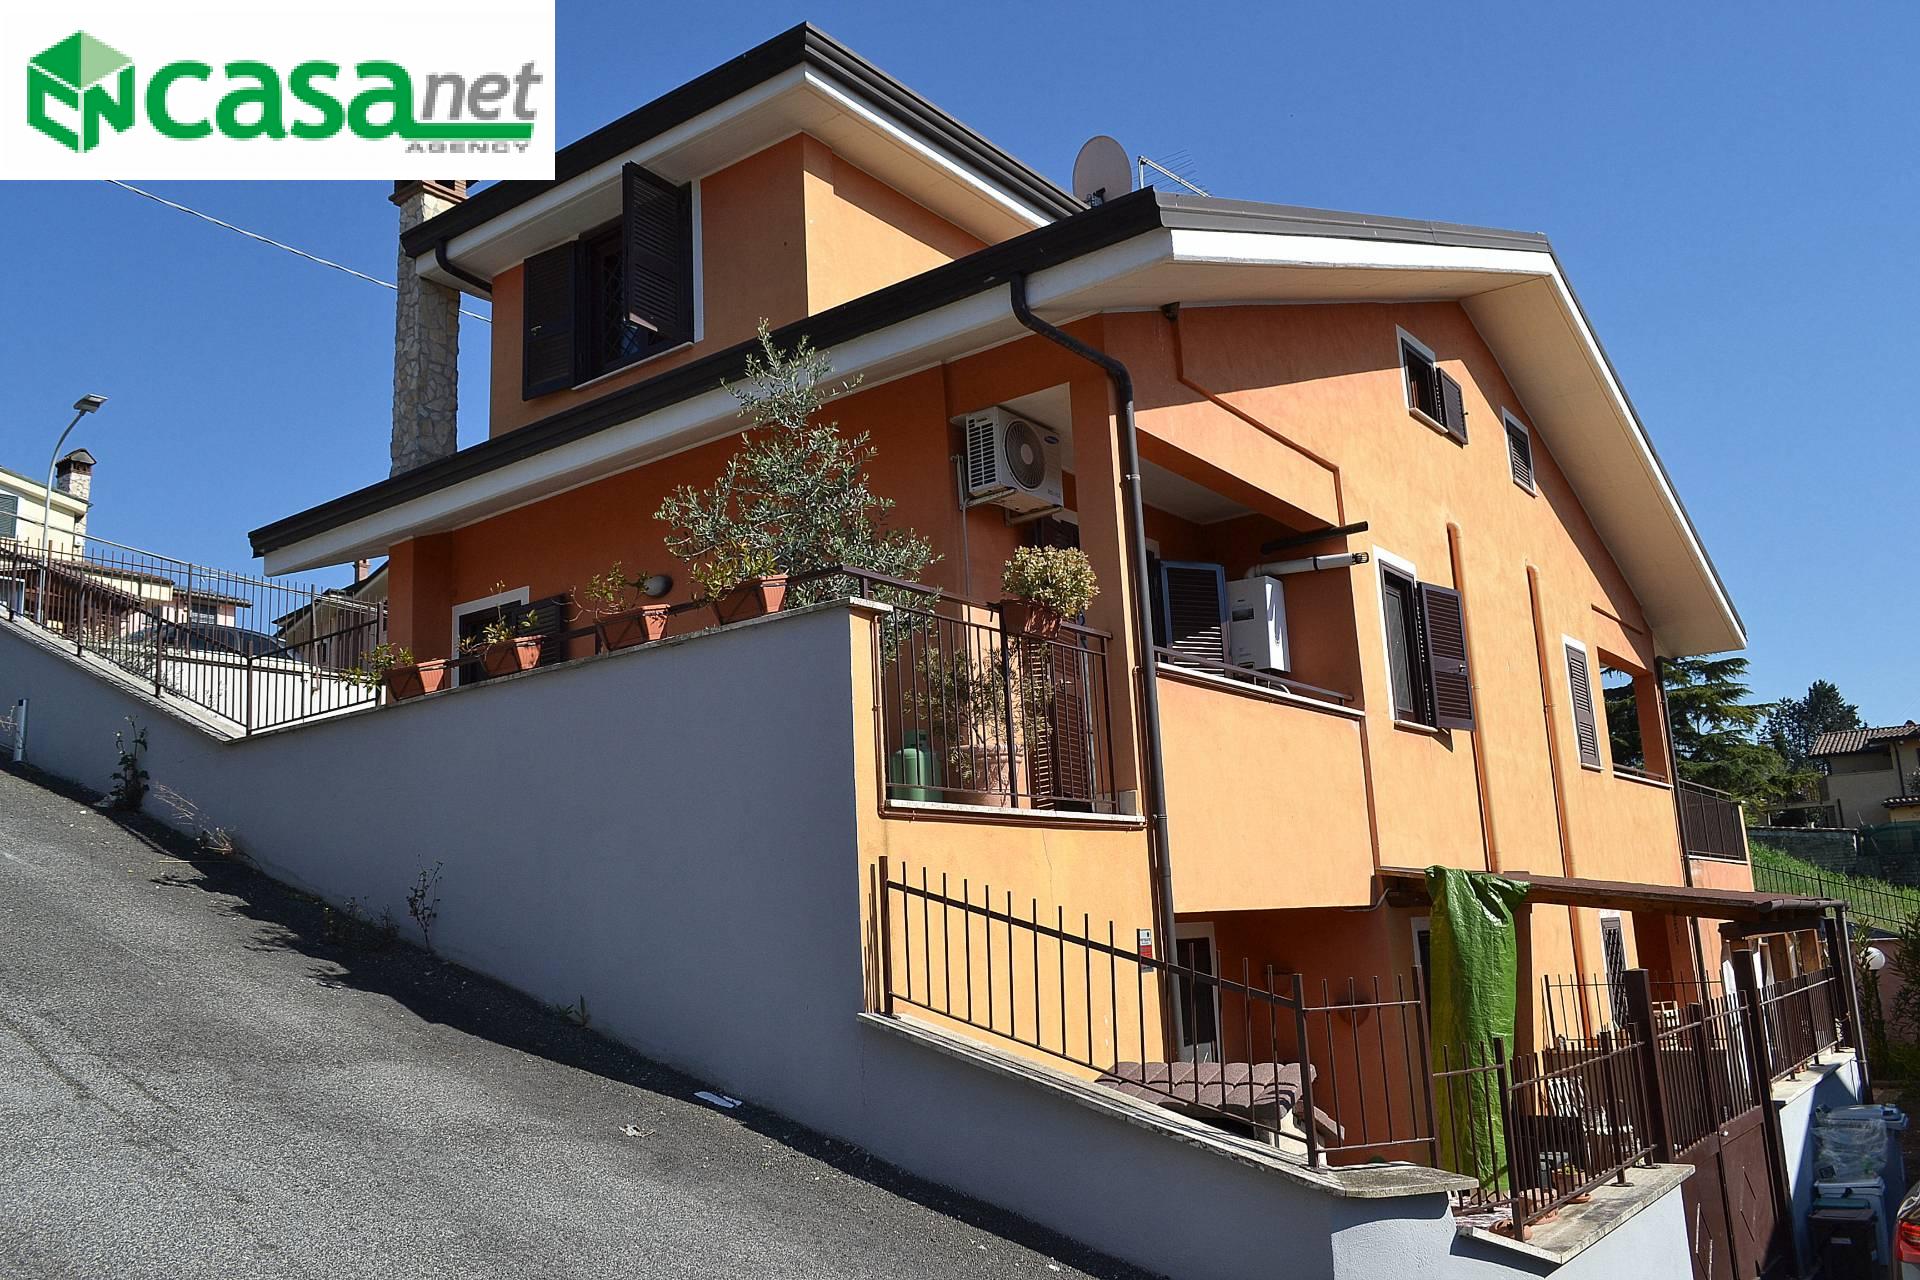 Villa a Schiera in vendita a Guidonia Montecelio, 4 locali, zona Zona: Pichini, prezzo € 160.000 | CambioCasa.it